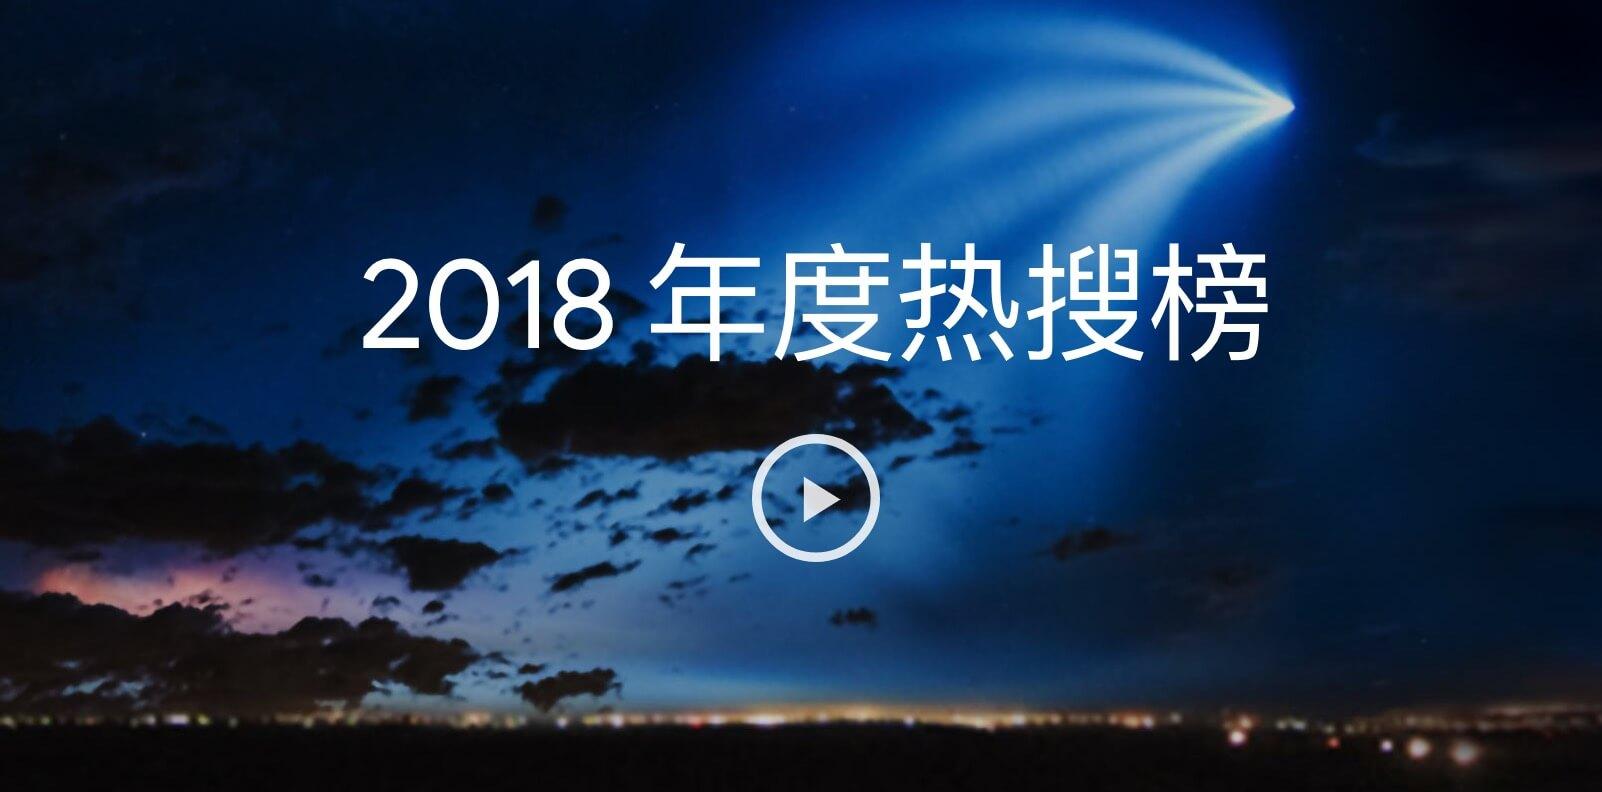 谷歌2018年度热搜榜